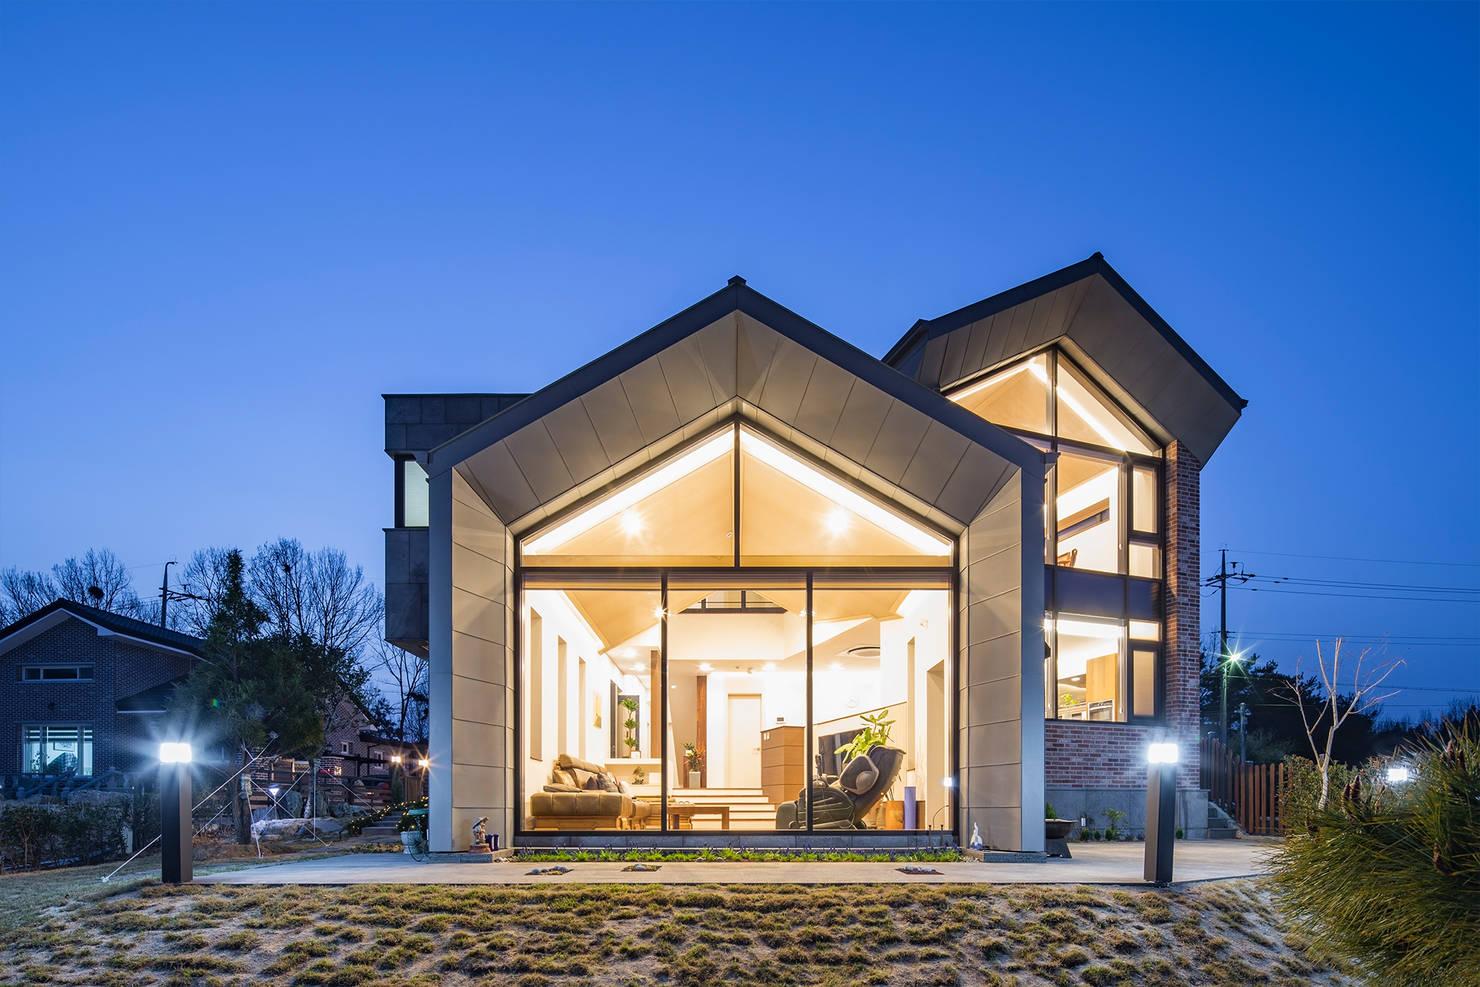 동화 같은 우리 집, 박공지붕 아이디어 21